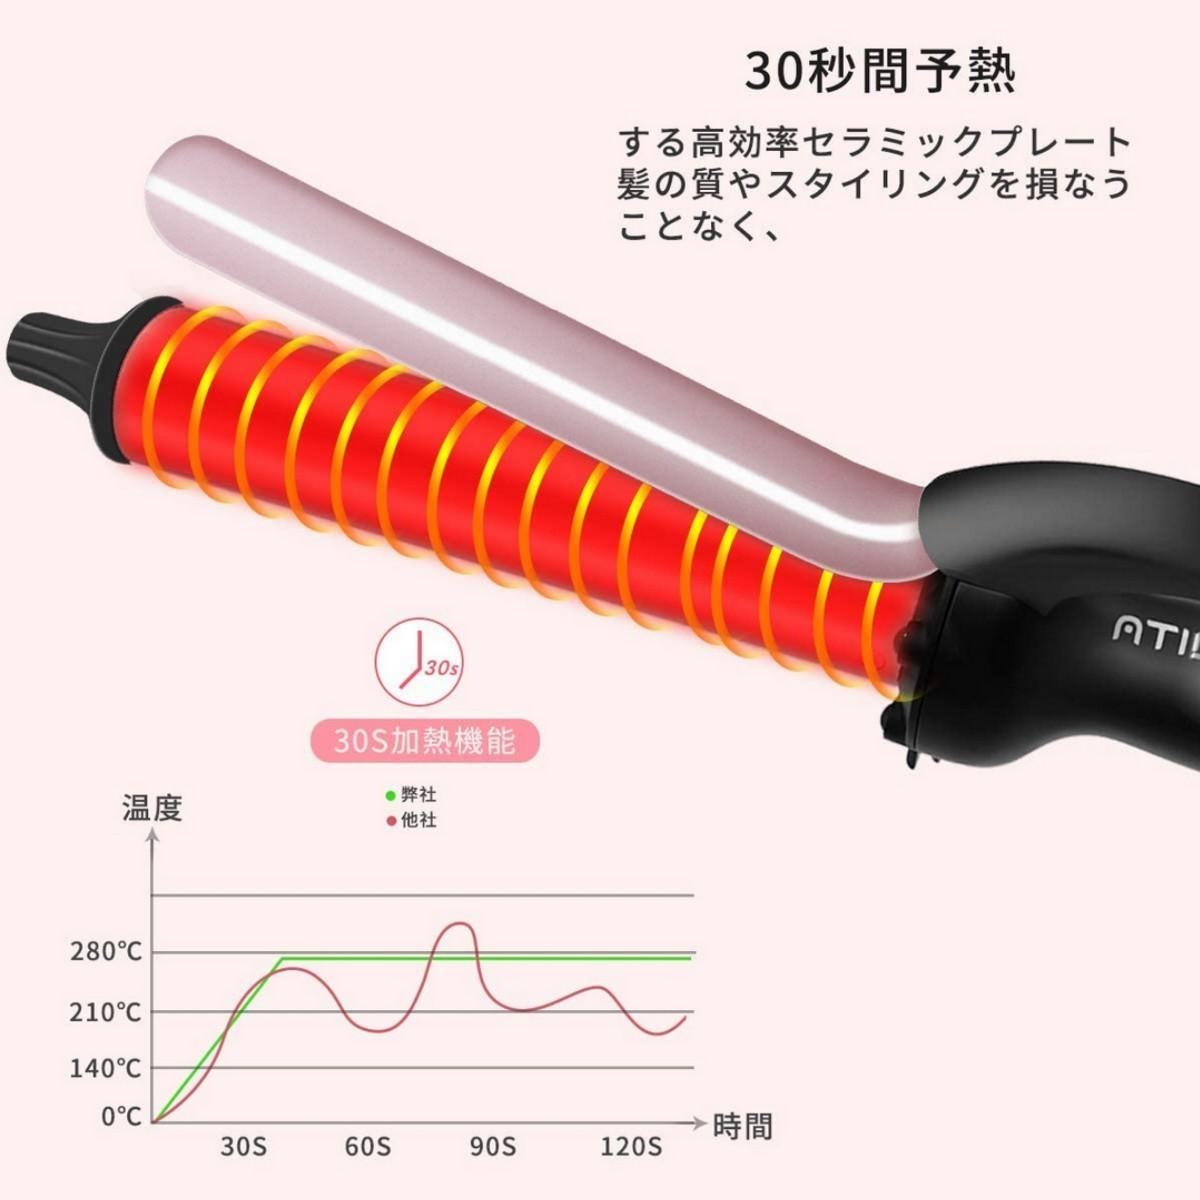 ヘアーアイロン カールアイロン 32mm マイナスイオン 新品 セラミックプレート